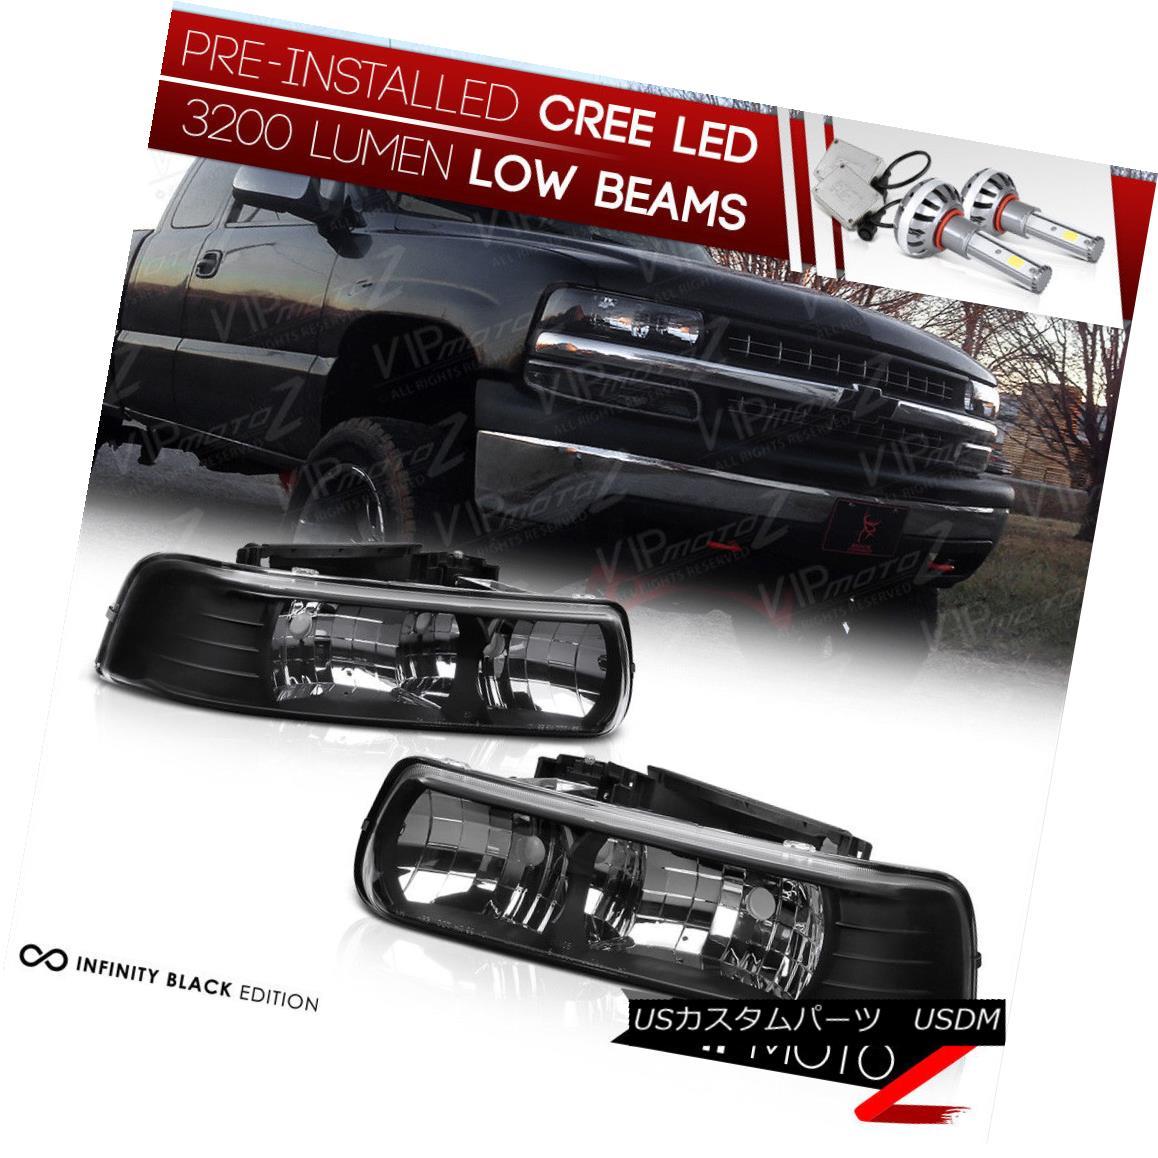 ヘッドライト [BUILT-IN LED LOW BEAM] 99-02 Chevy Silverado 00-06 Suburban/Tahoe Headlight L+R [内蔵LEDロービーム] 99-02 Chevy Silverado 00-06郊外/タホヘッドライトL + R